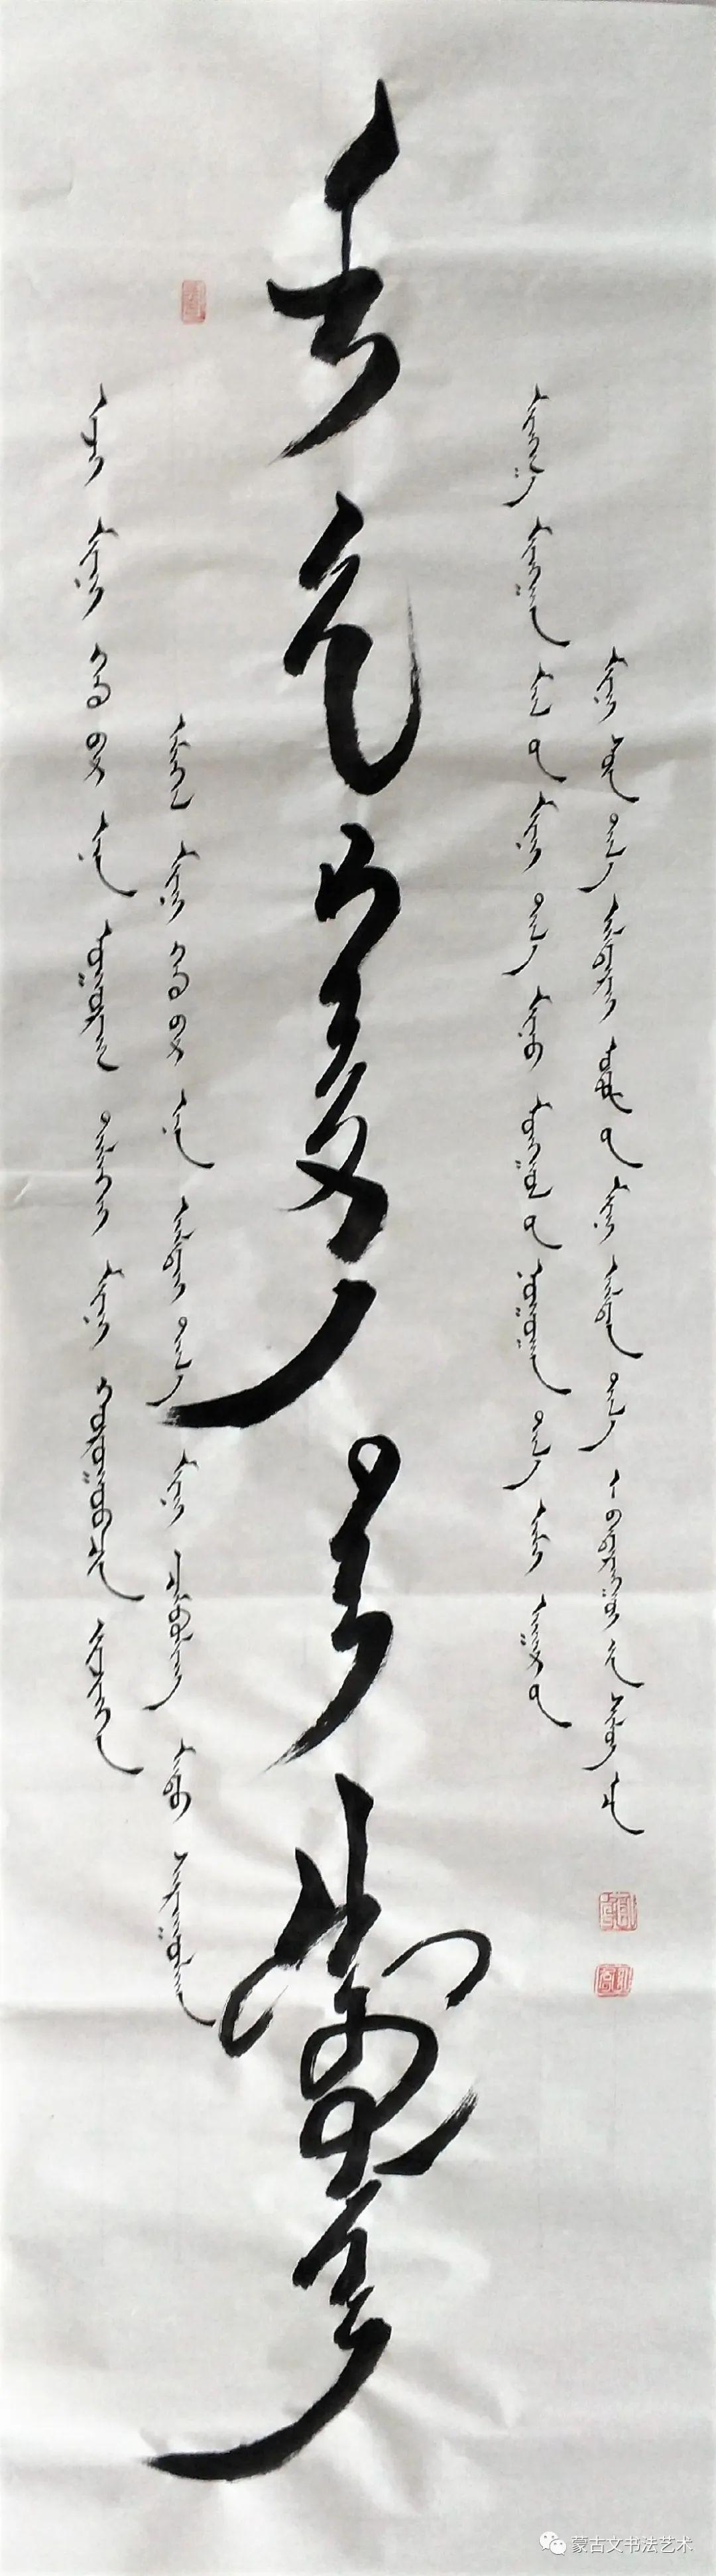 铁龙蒙古文书法 第11张